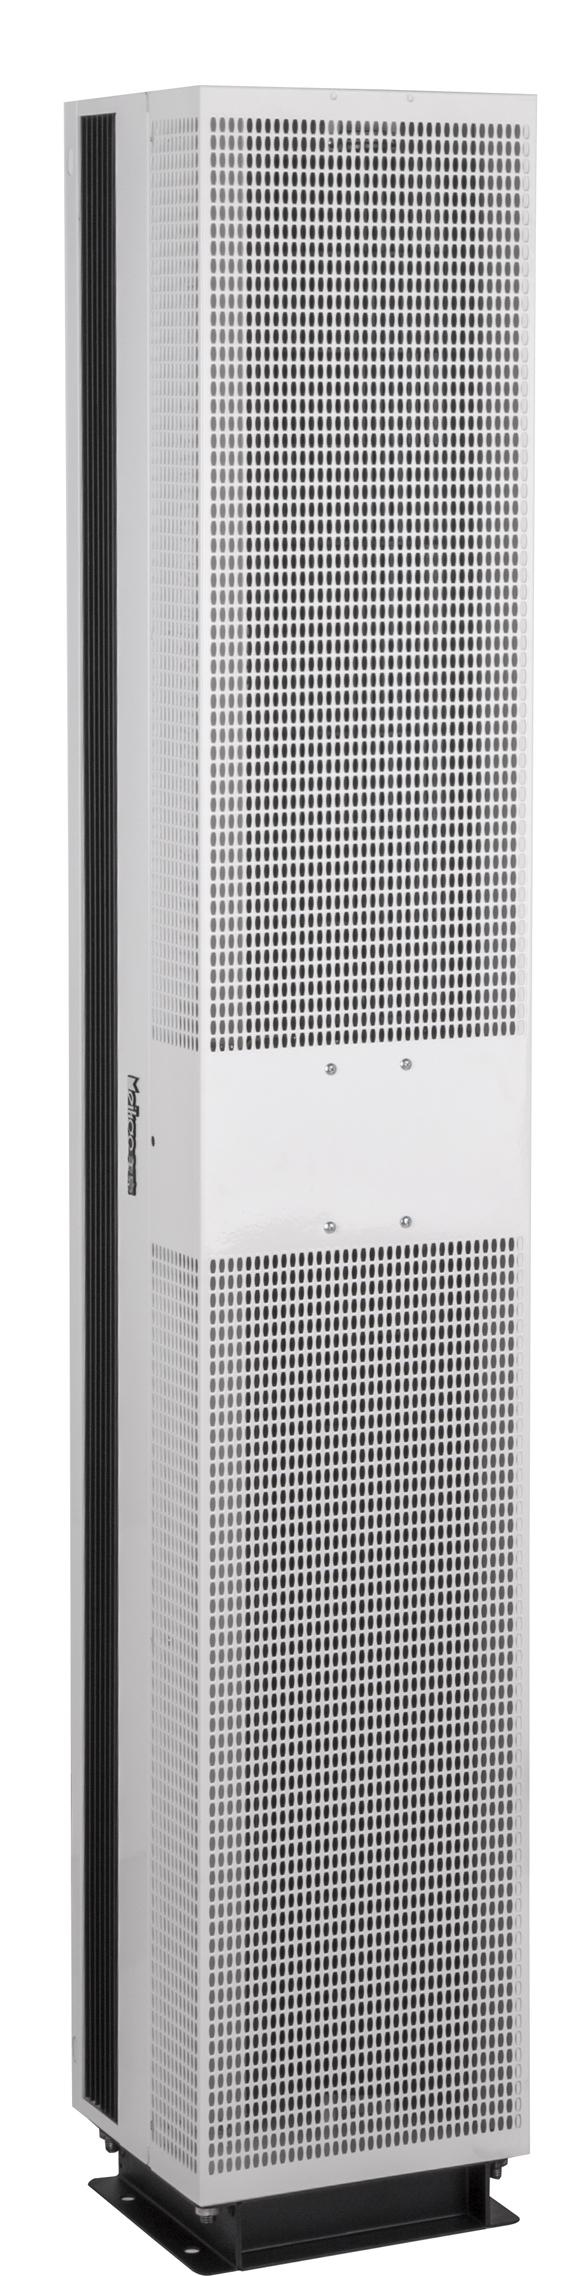 Vertical heating air curtain RMC-W